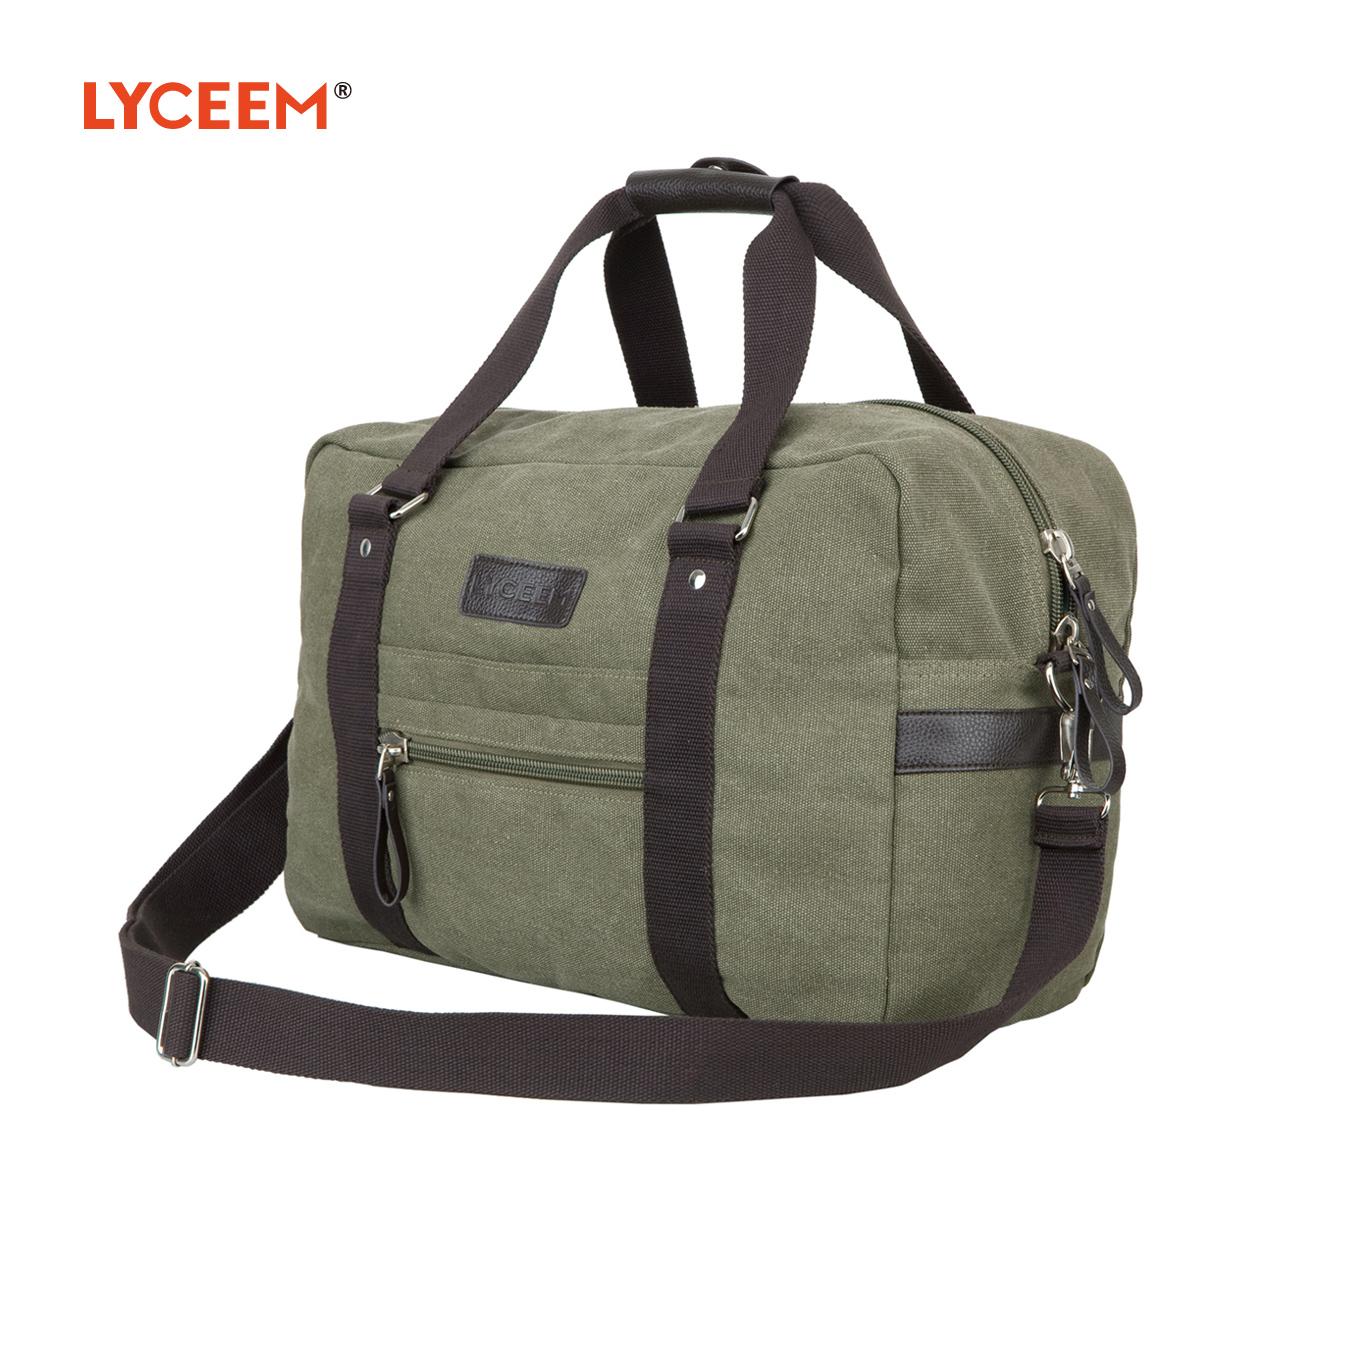 Дорожная сумка Lyceem pr401